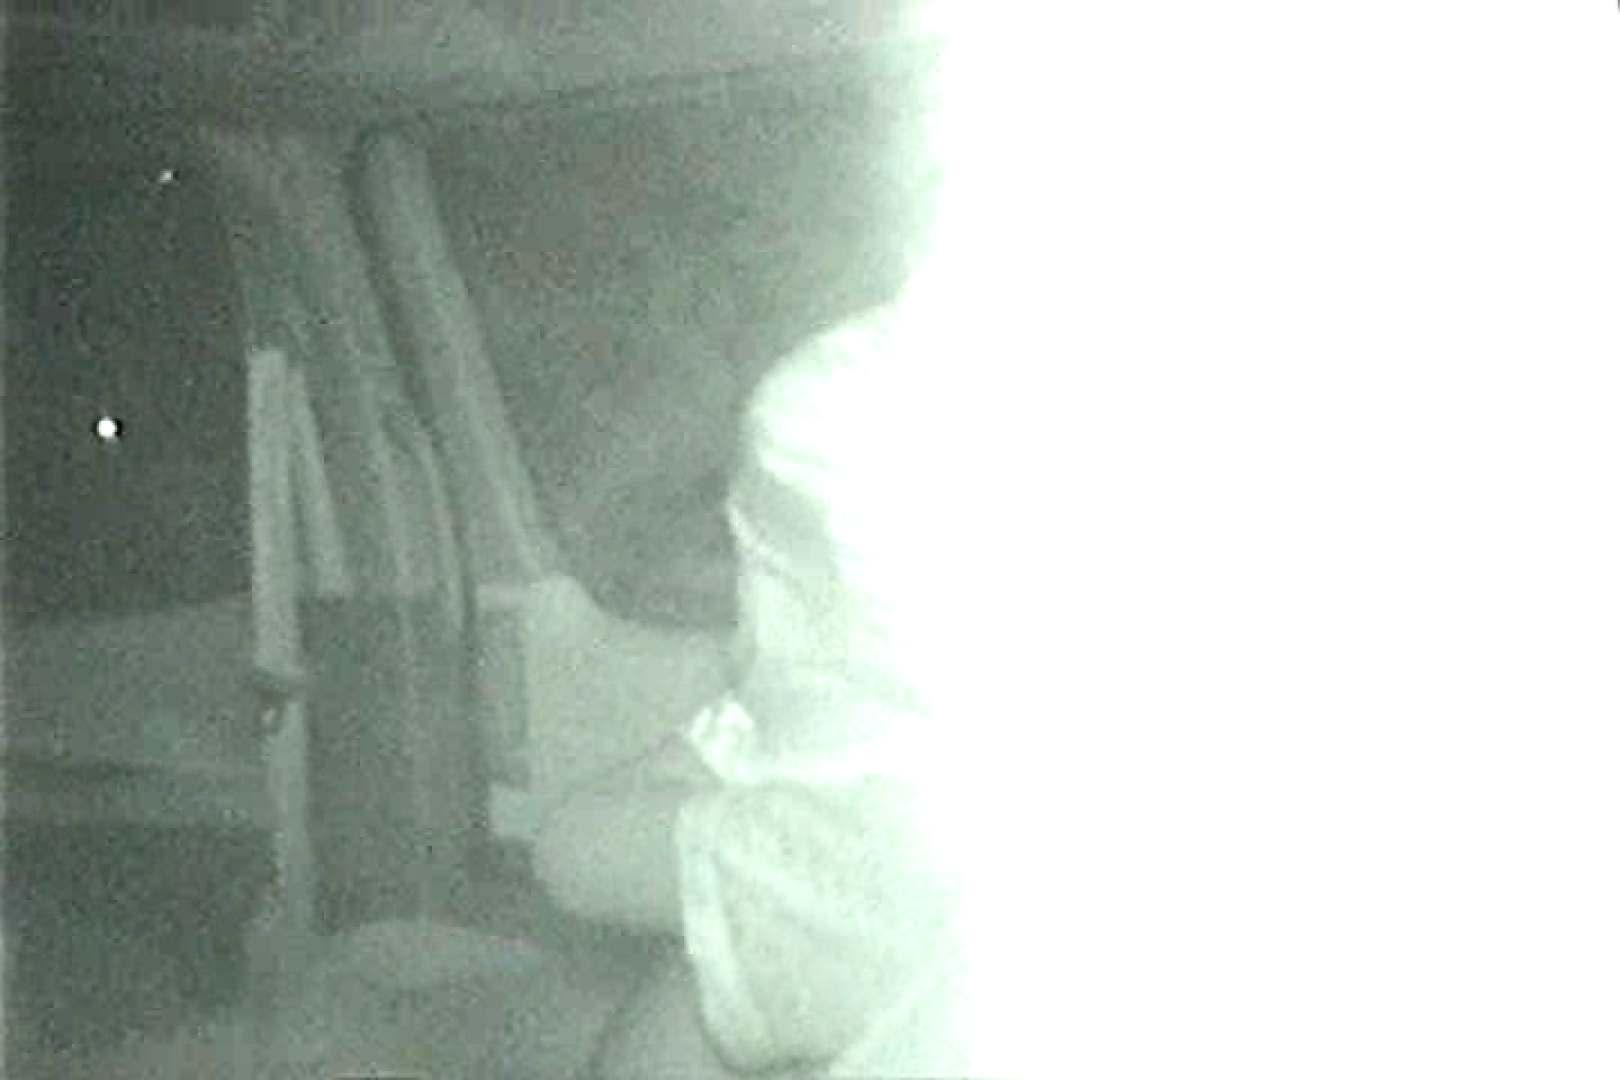 充血監督の深夜の運動会Vol.26 車 おまんこ無修正動画無料 102連発 51